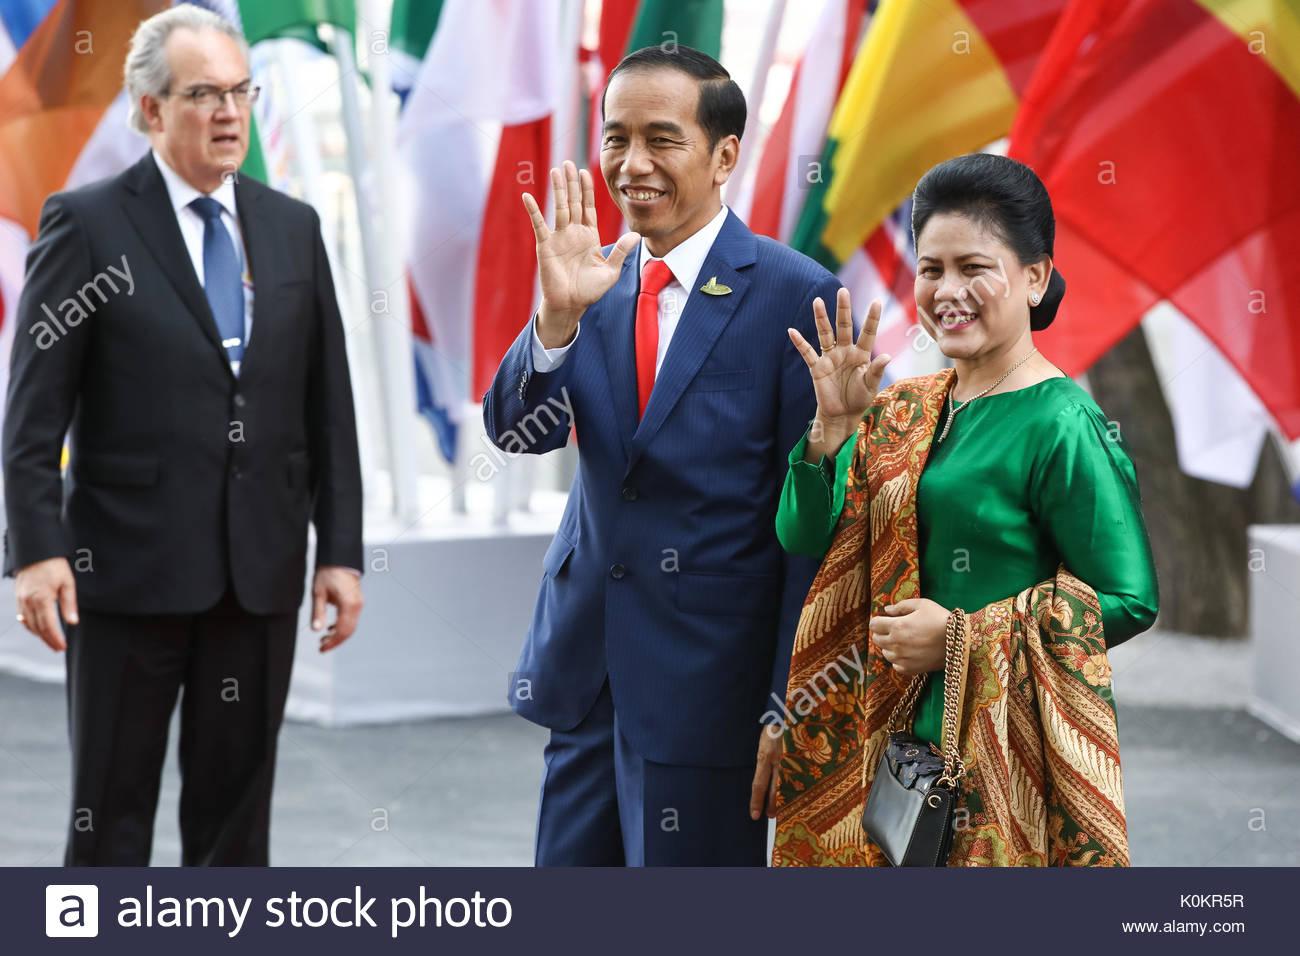 Joko Widodo, Staatspräsident Indonesiens mit seiner Ehefrau Iriana Joko Widodo beim Eintreffen zum G20-Konzert in der Elbphilharmonie in Hamburg. - Stock Image